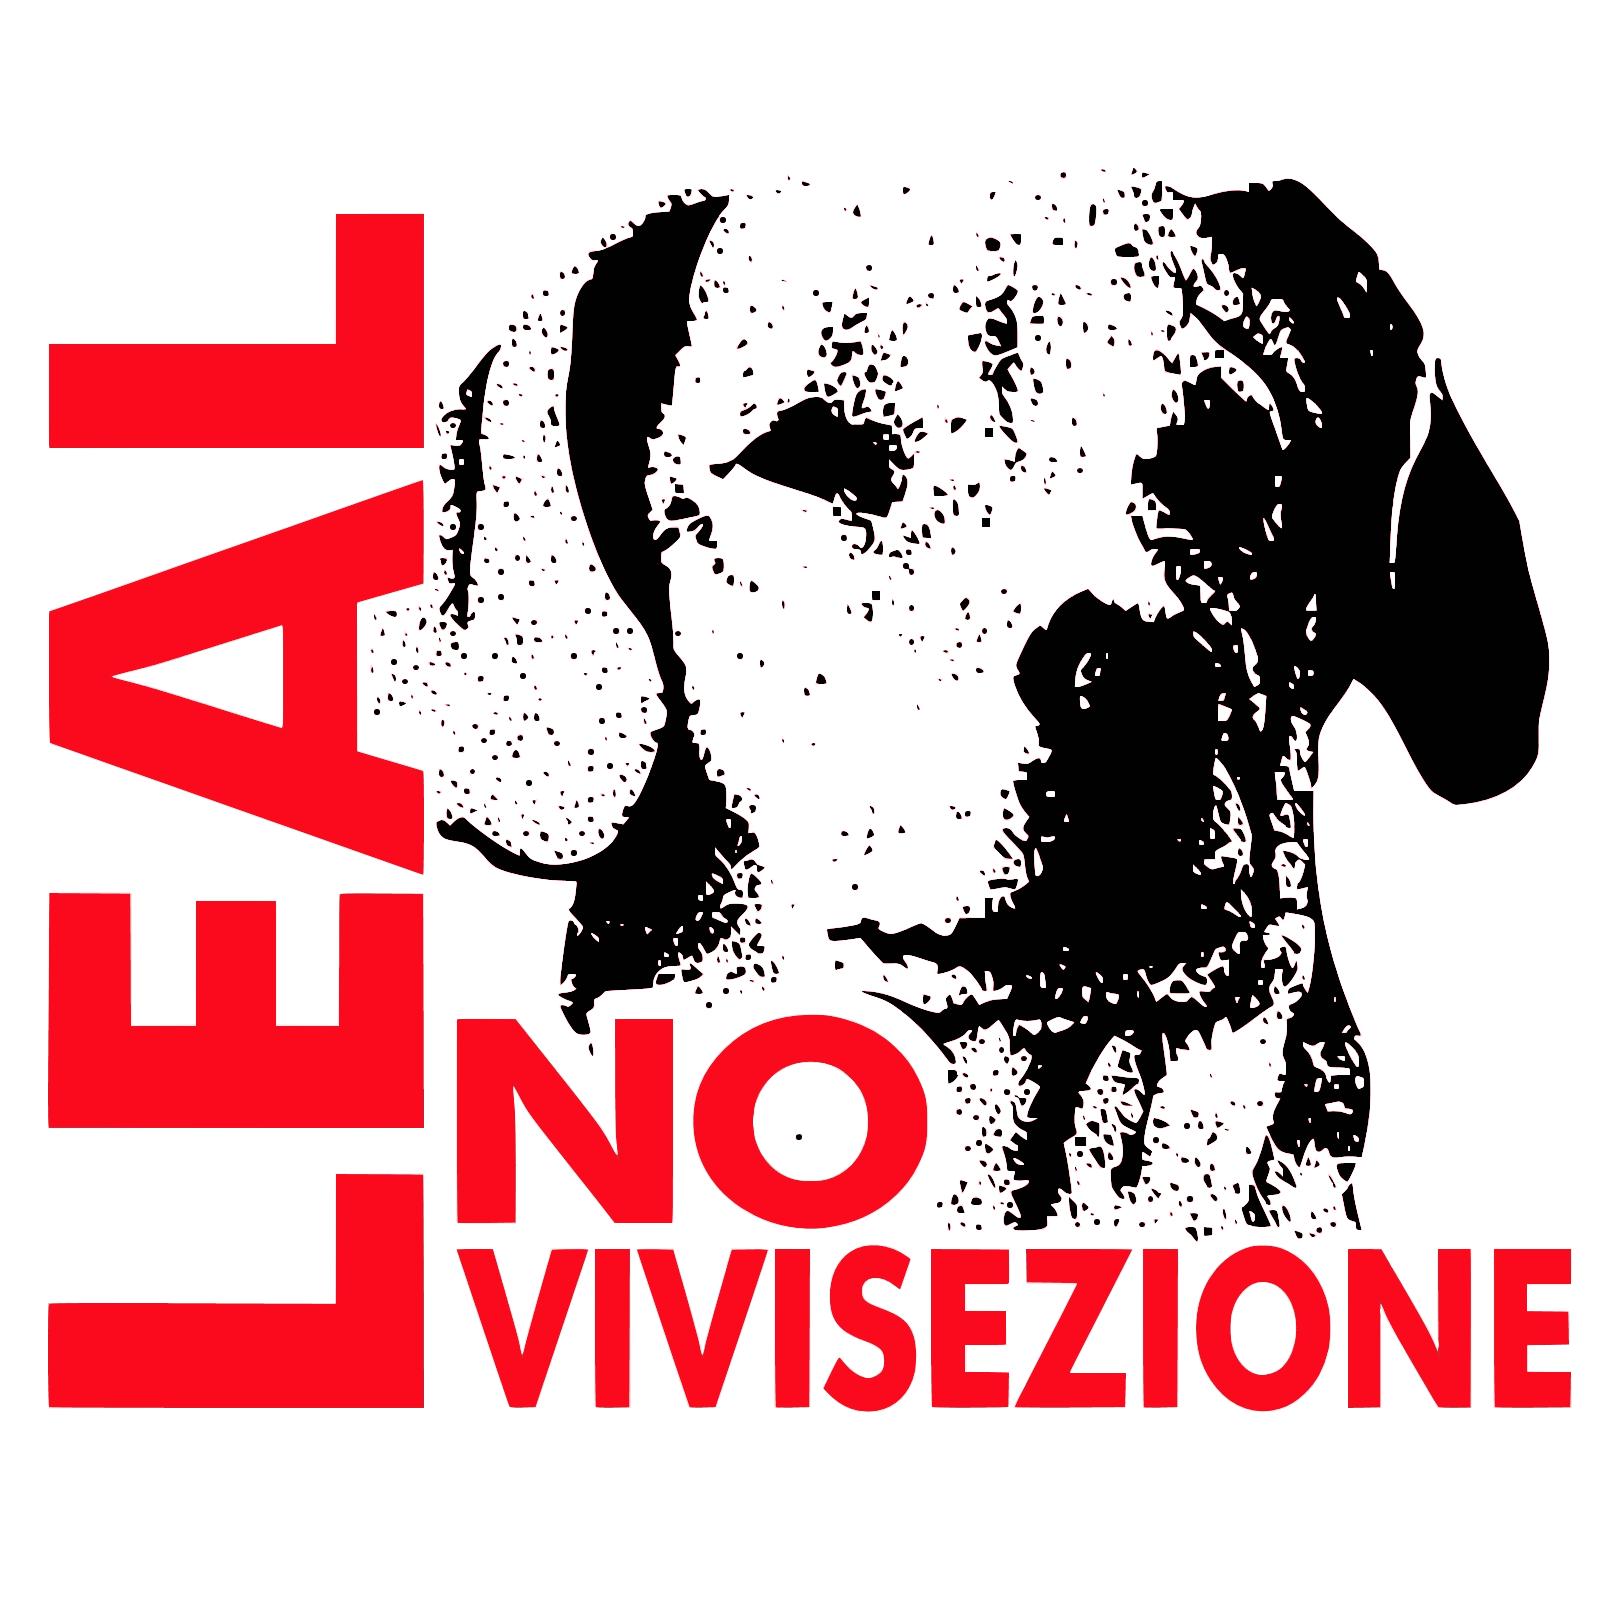 LEAL - Lega antiVIVIsezionista